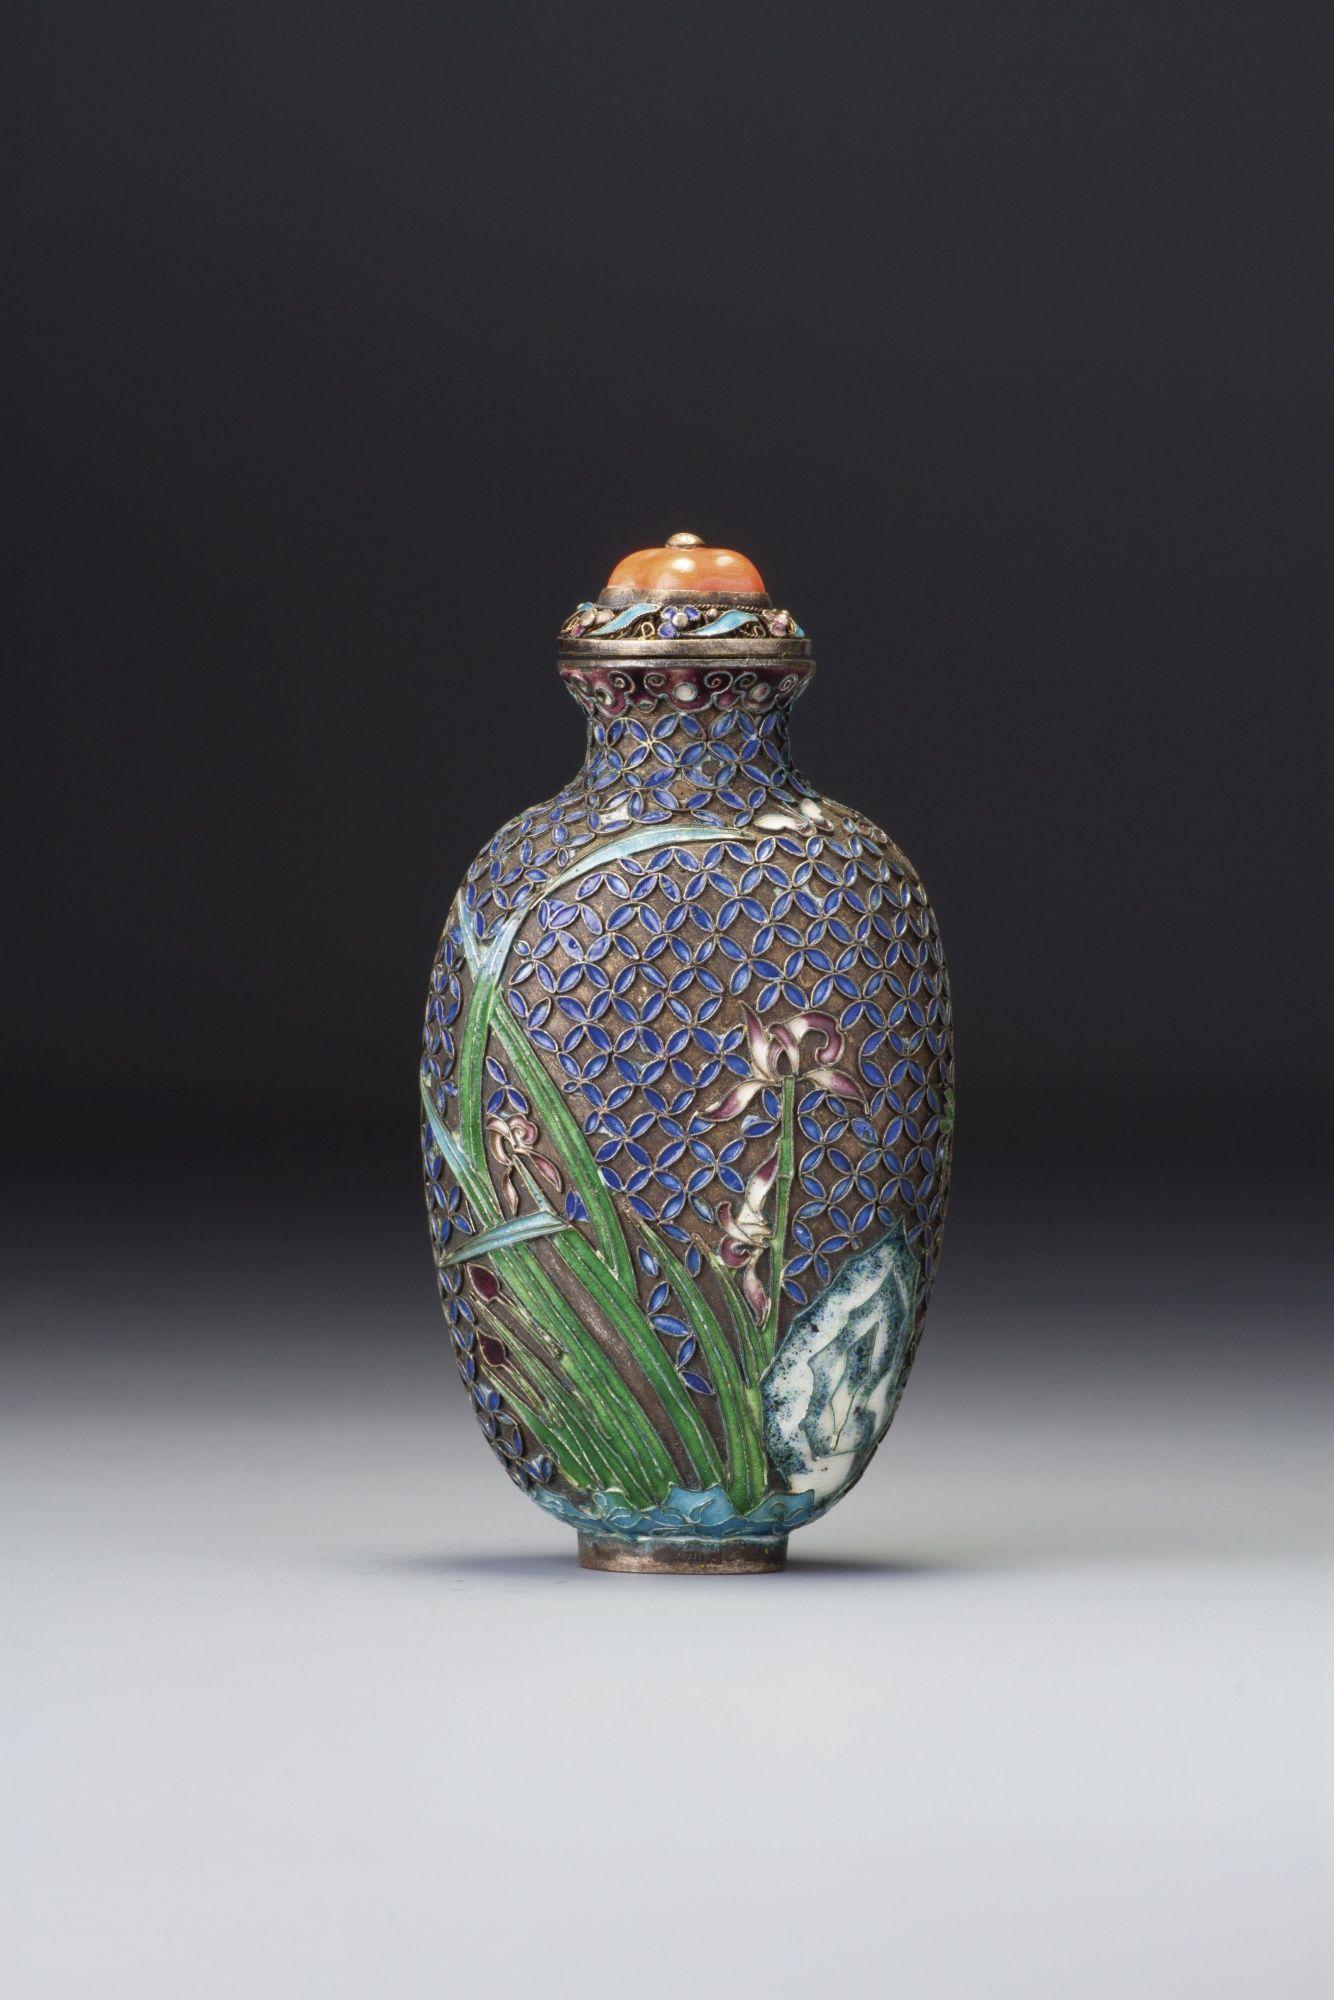 Enameled Silver Snuff Bottle - Qing Dynasty